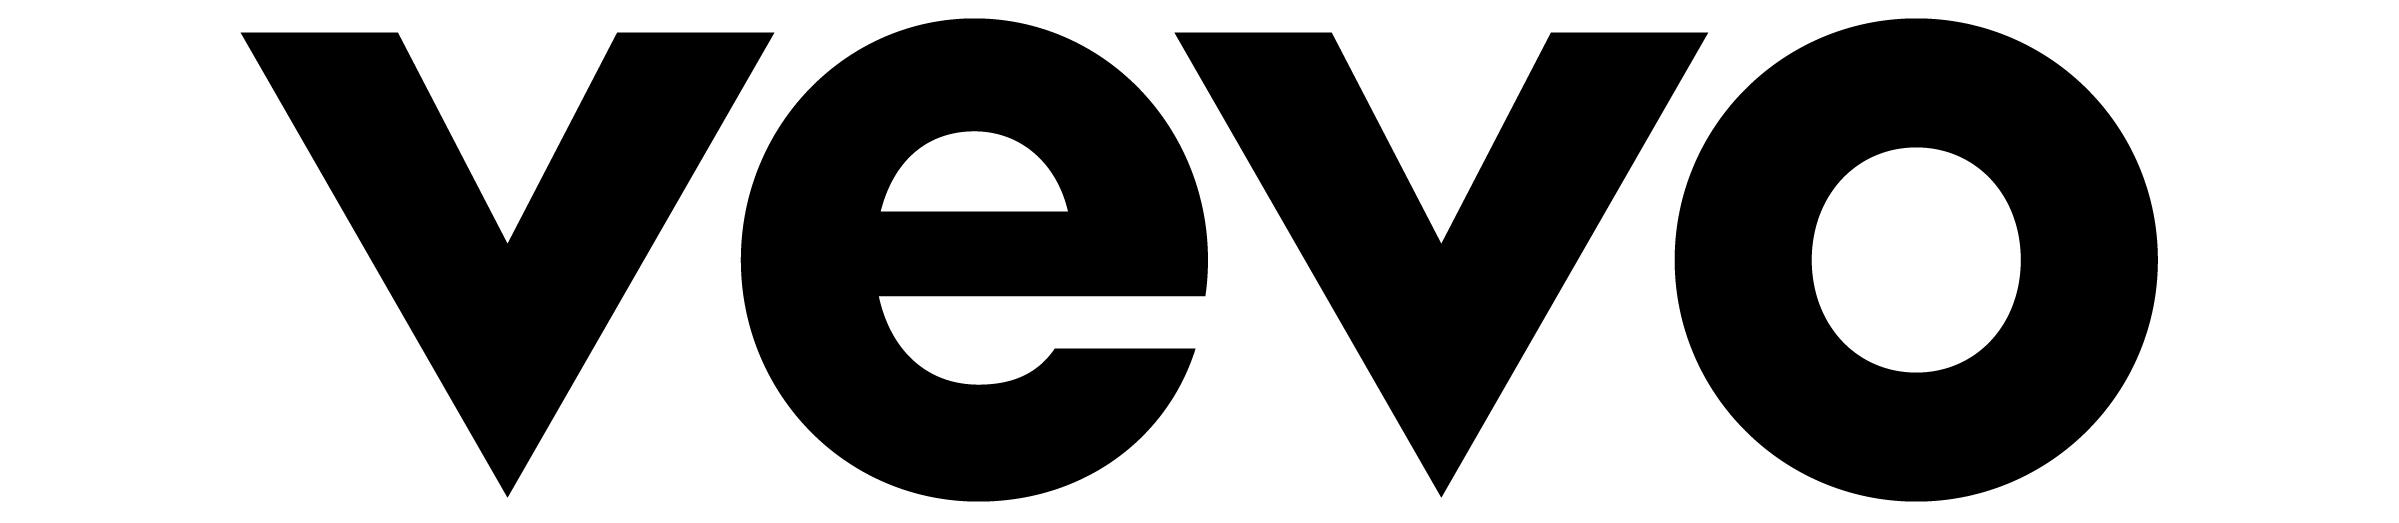 vevo logo black